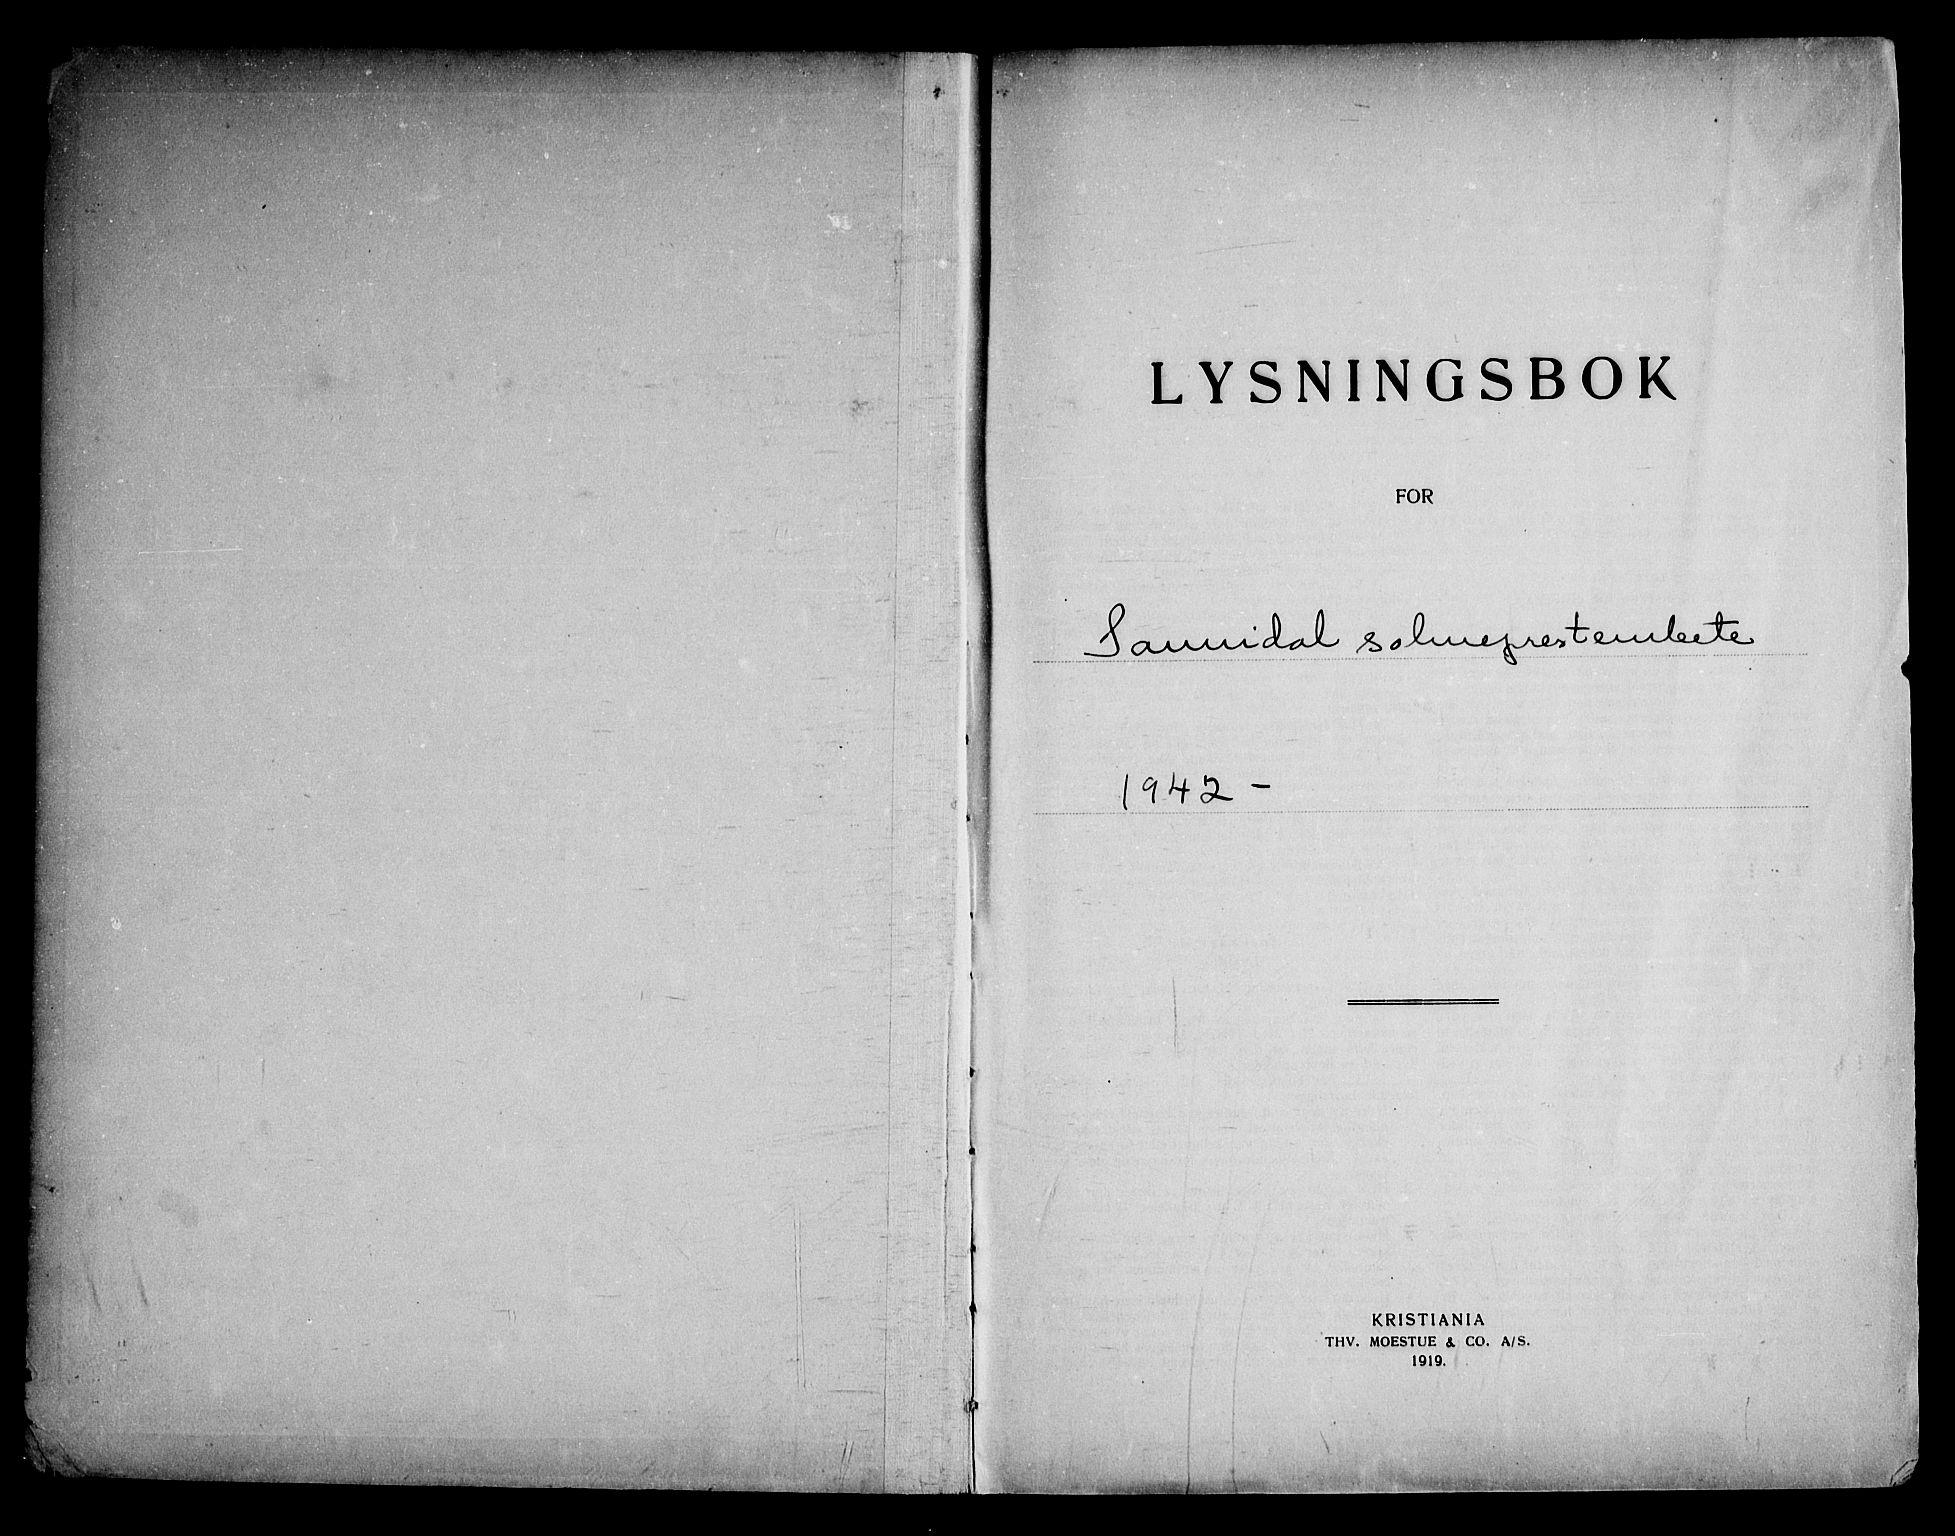 SAKO, Sannidal kirkebøker, H/Ha/L0003: Lysningsprotokoll nr. 3, 1942-1969